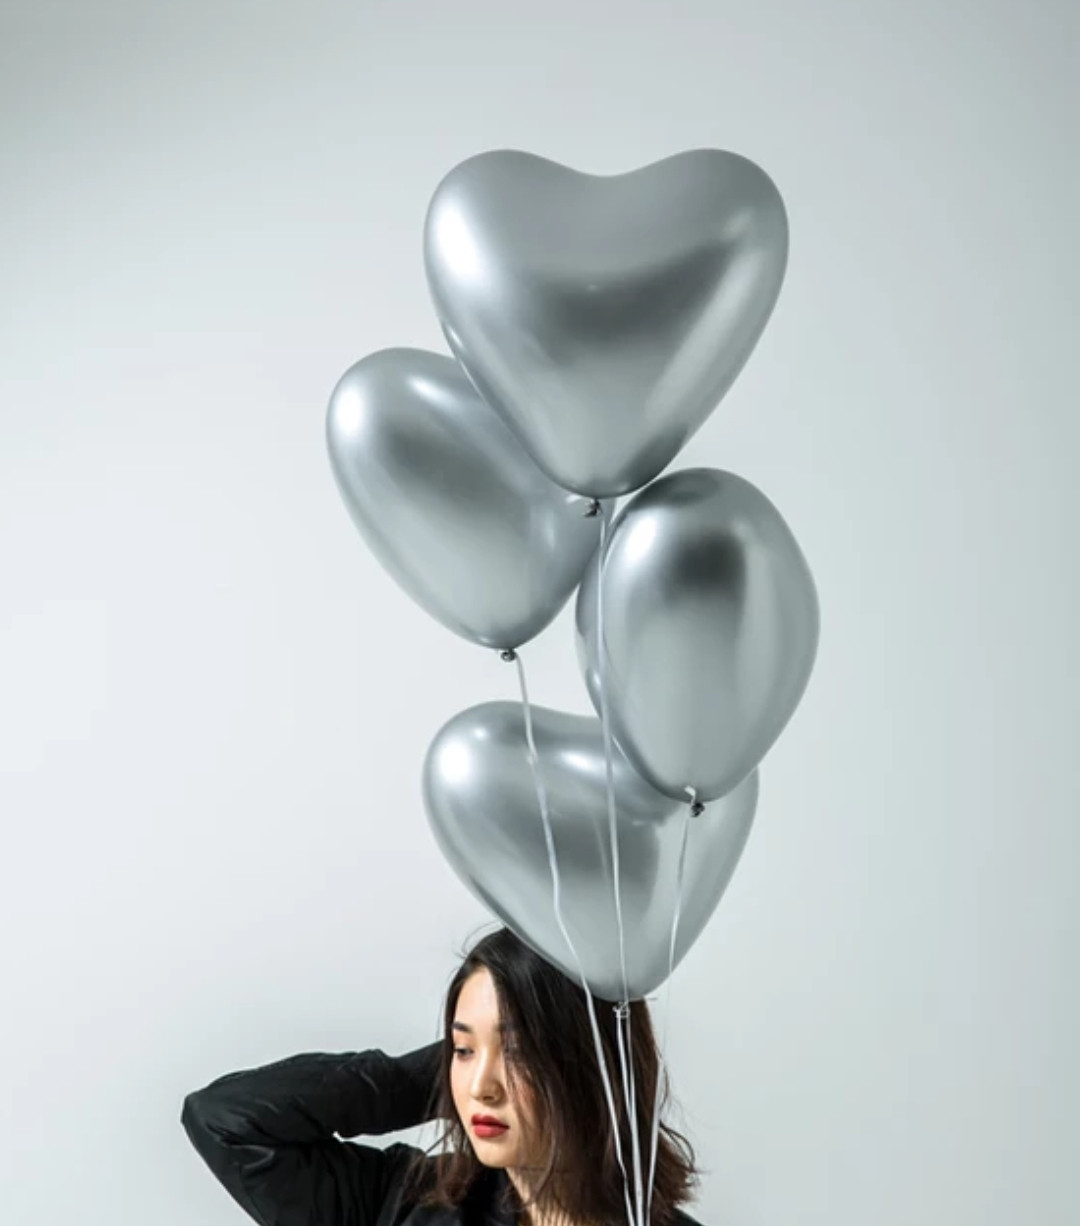 Повітряний латексний куля серце срібло хром з дзеркальним ефектом 30 см